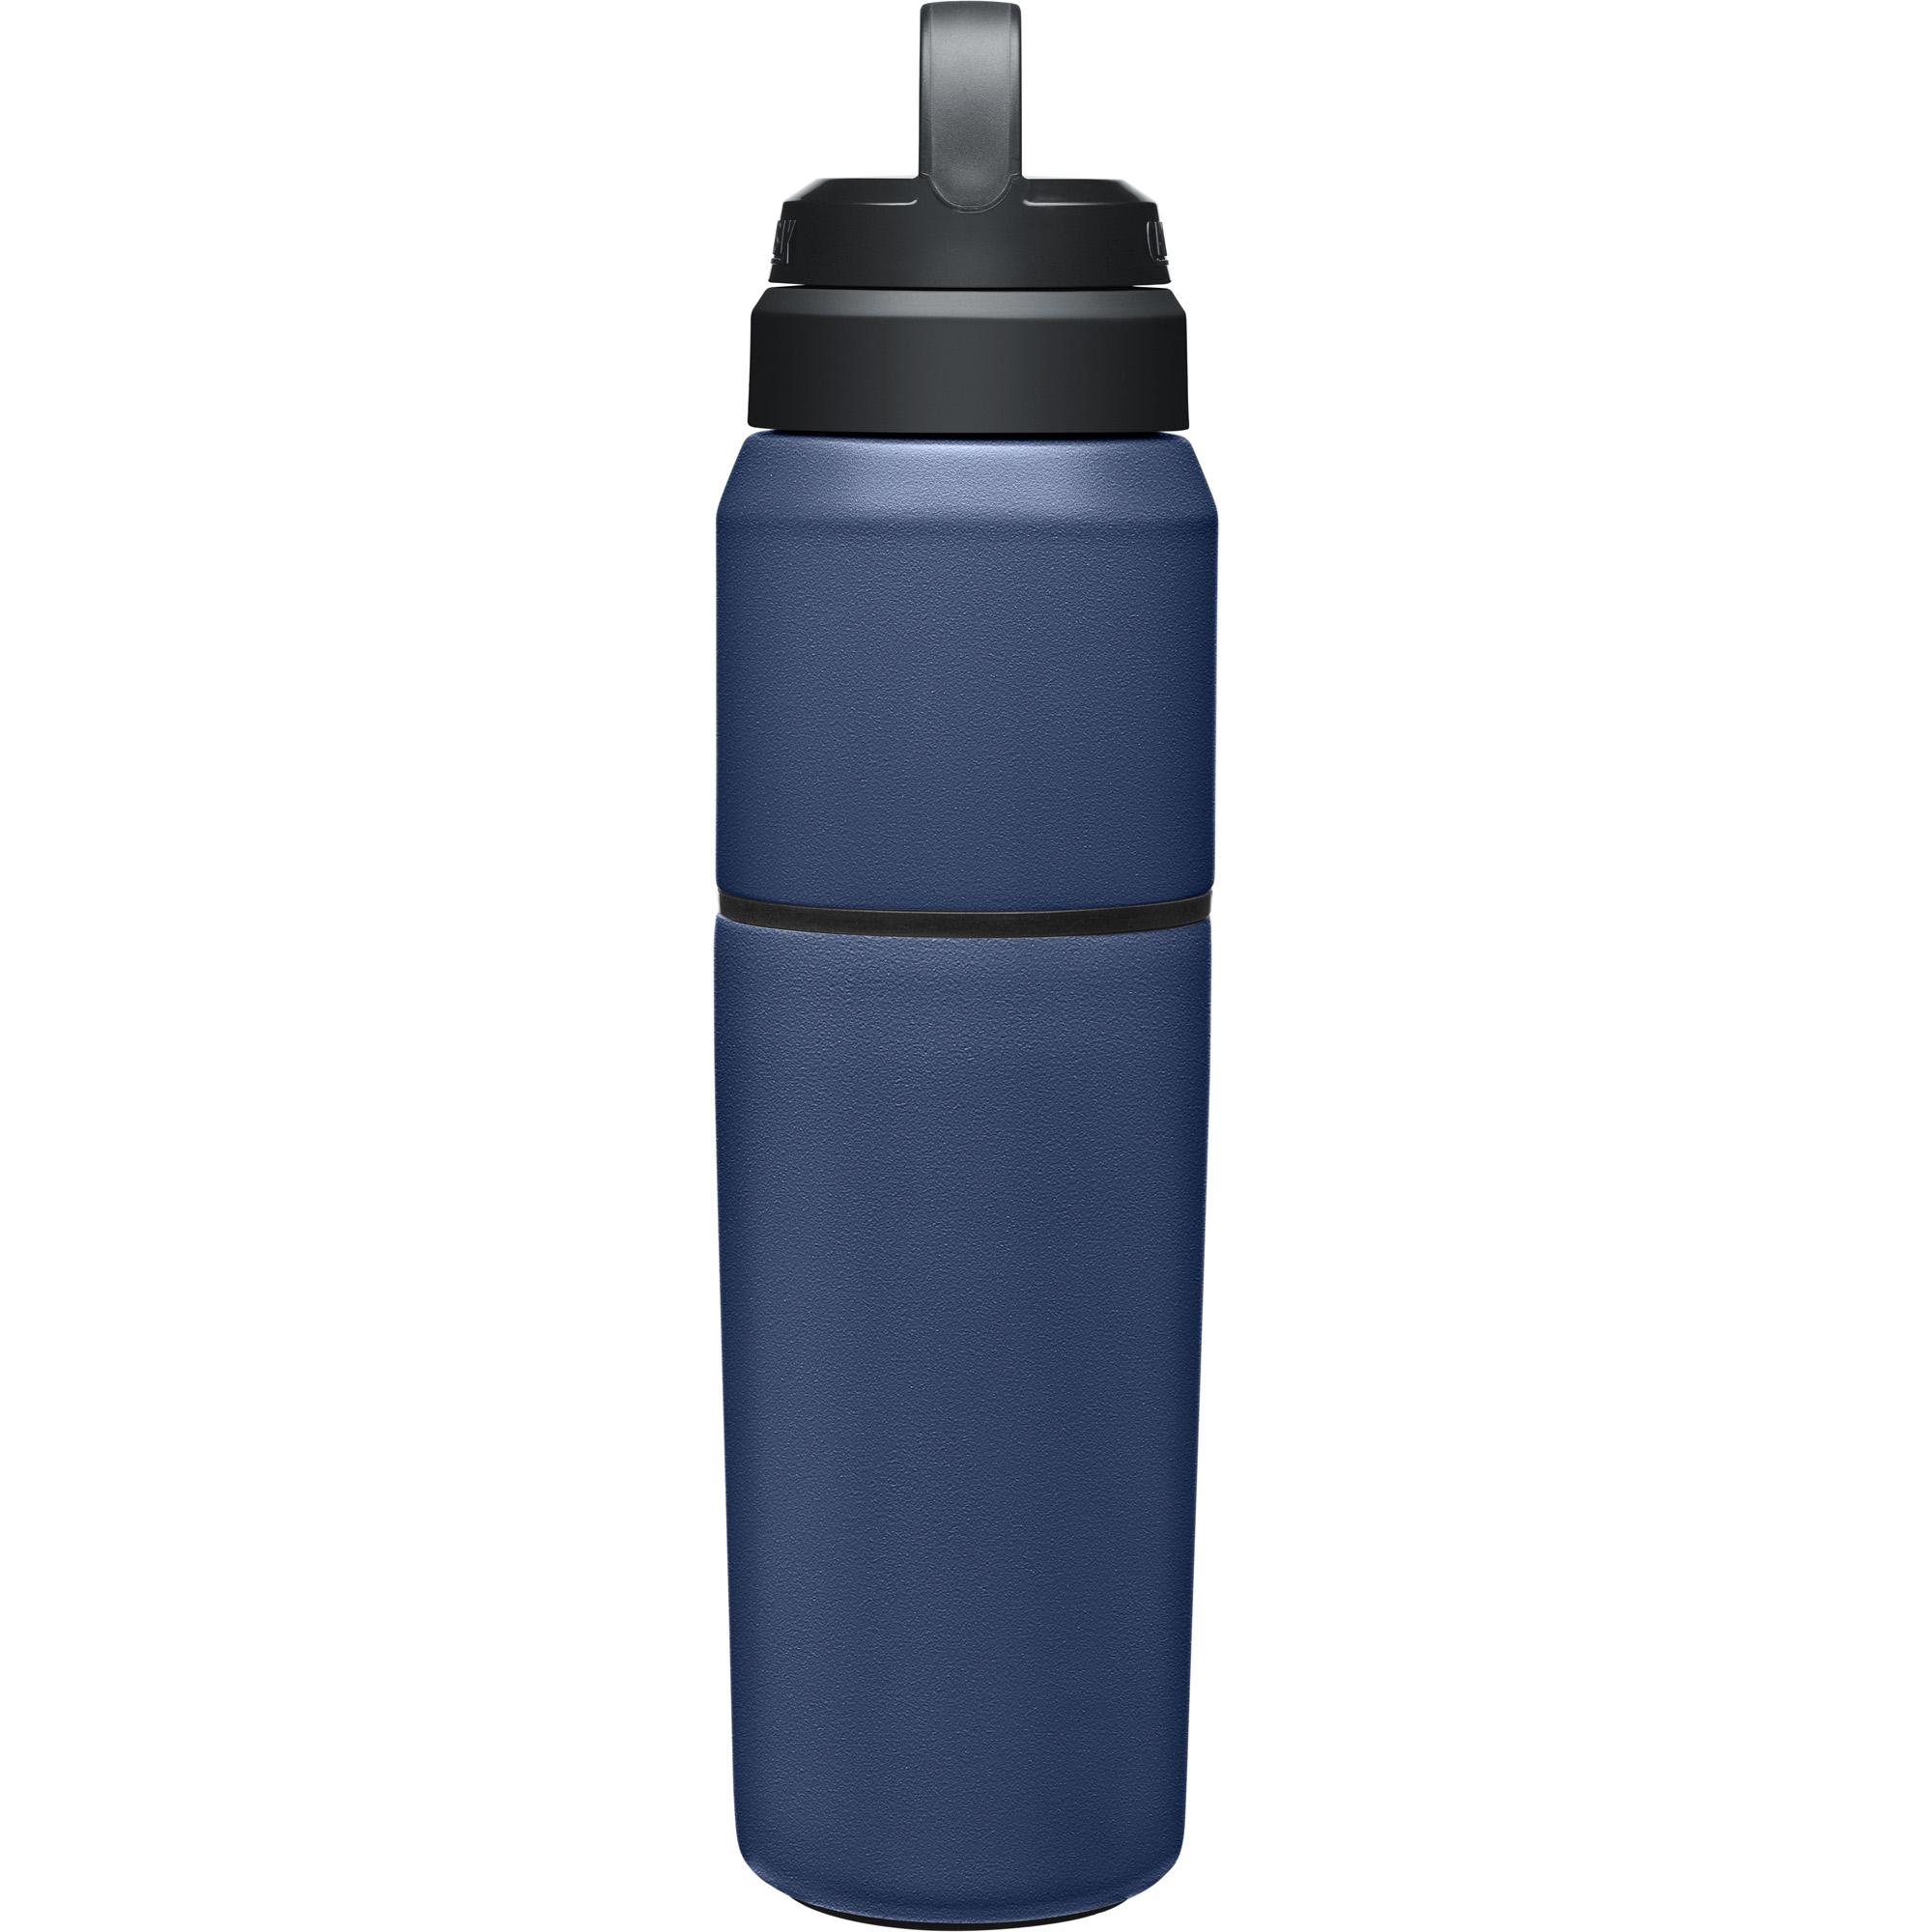 Camelbak Mb 22oz Bottle/cup Navy